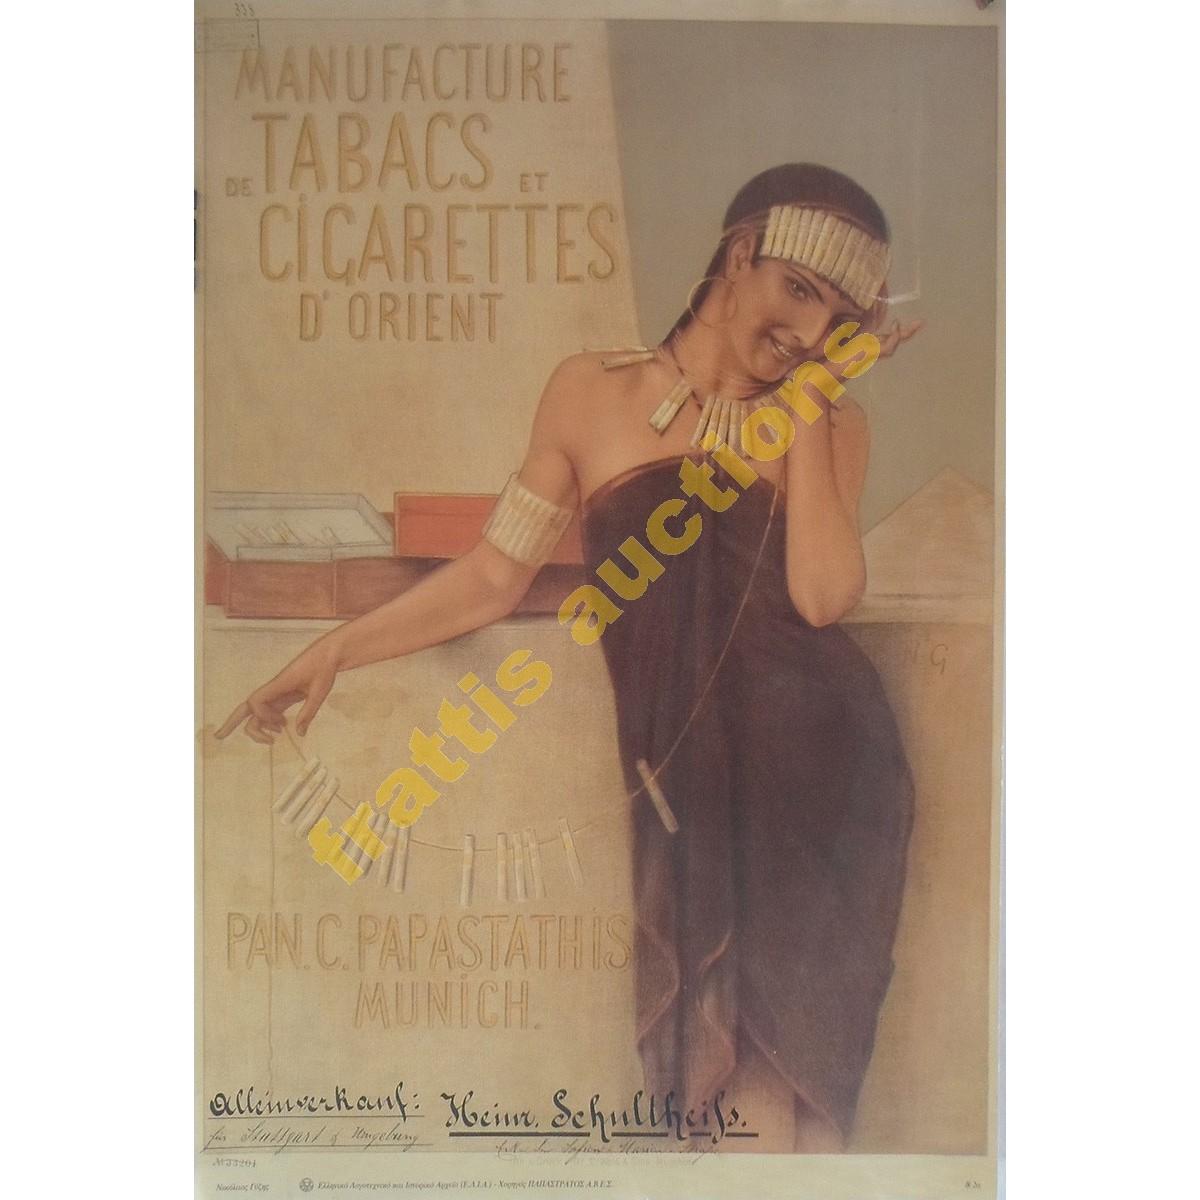 Pan.C.Papastathis, διαφημιστικό poster.